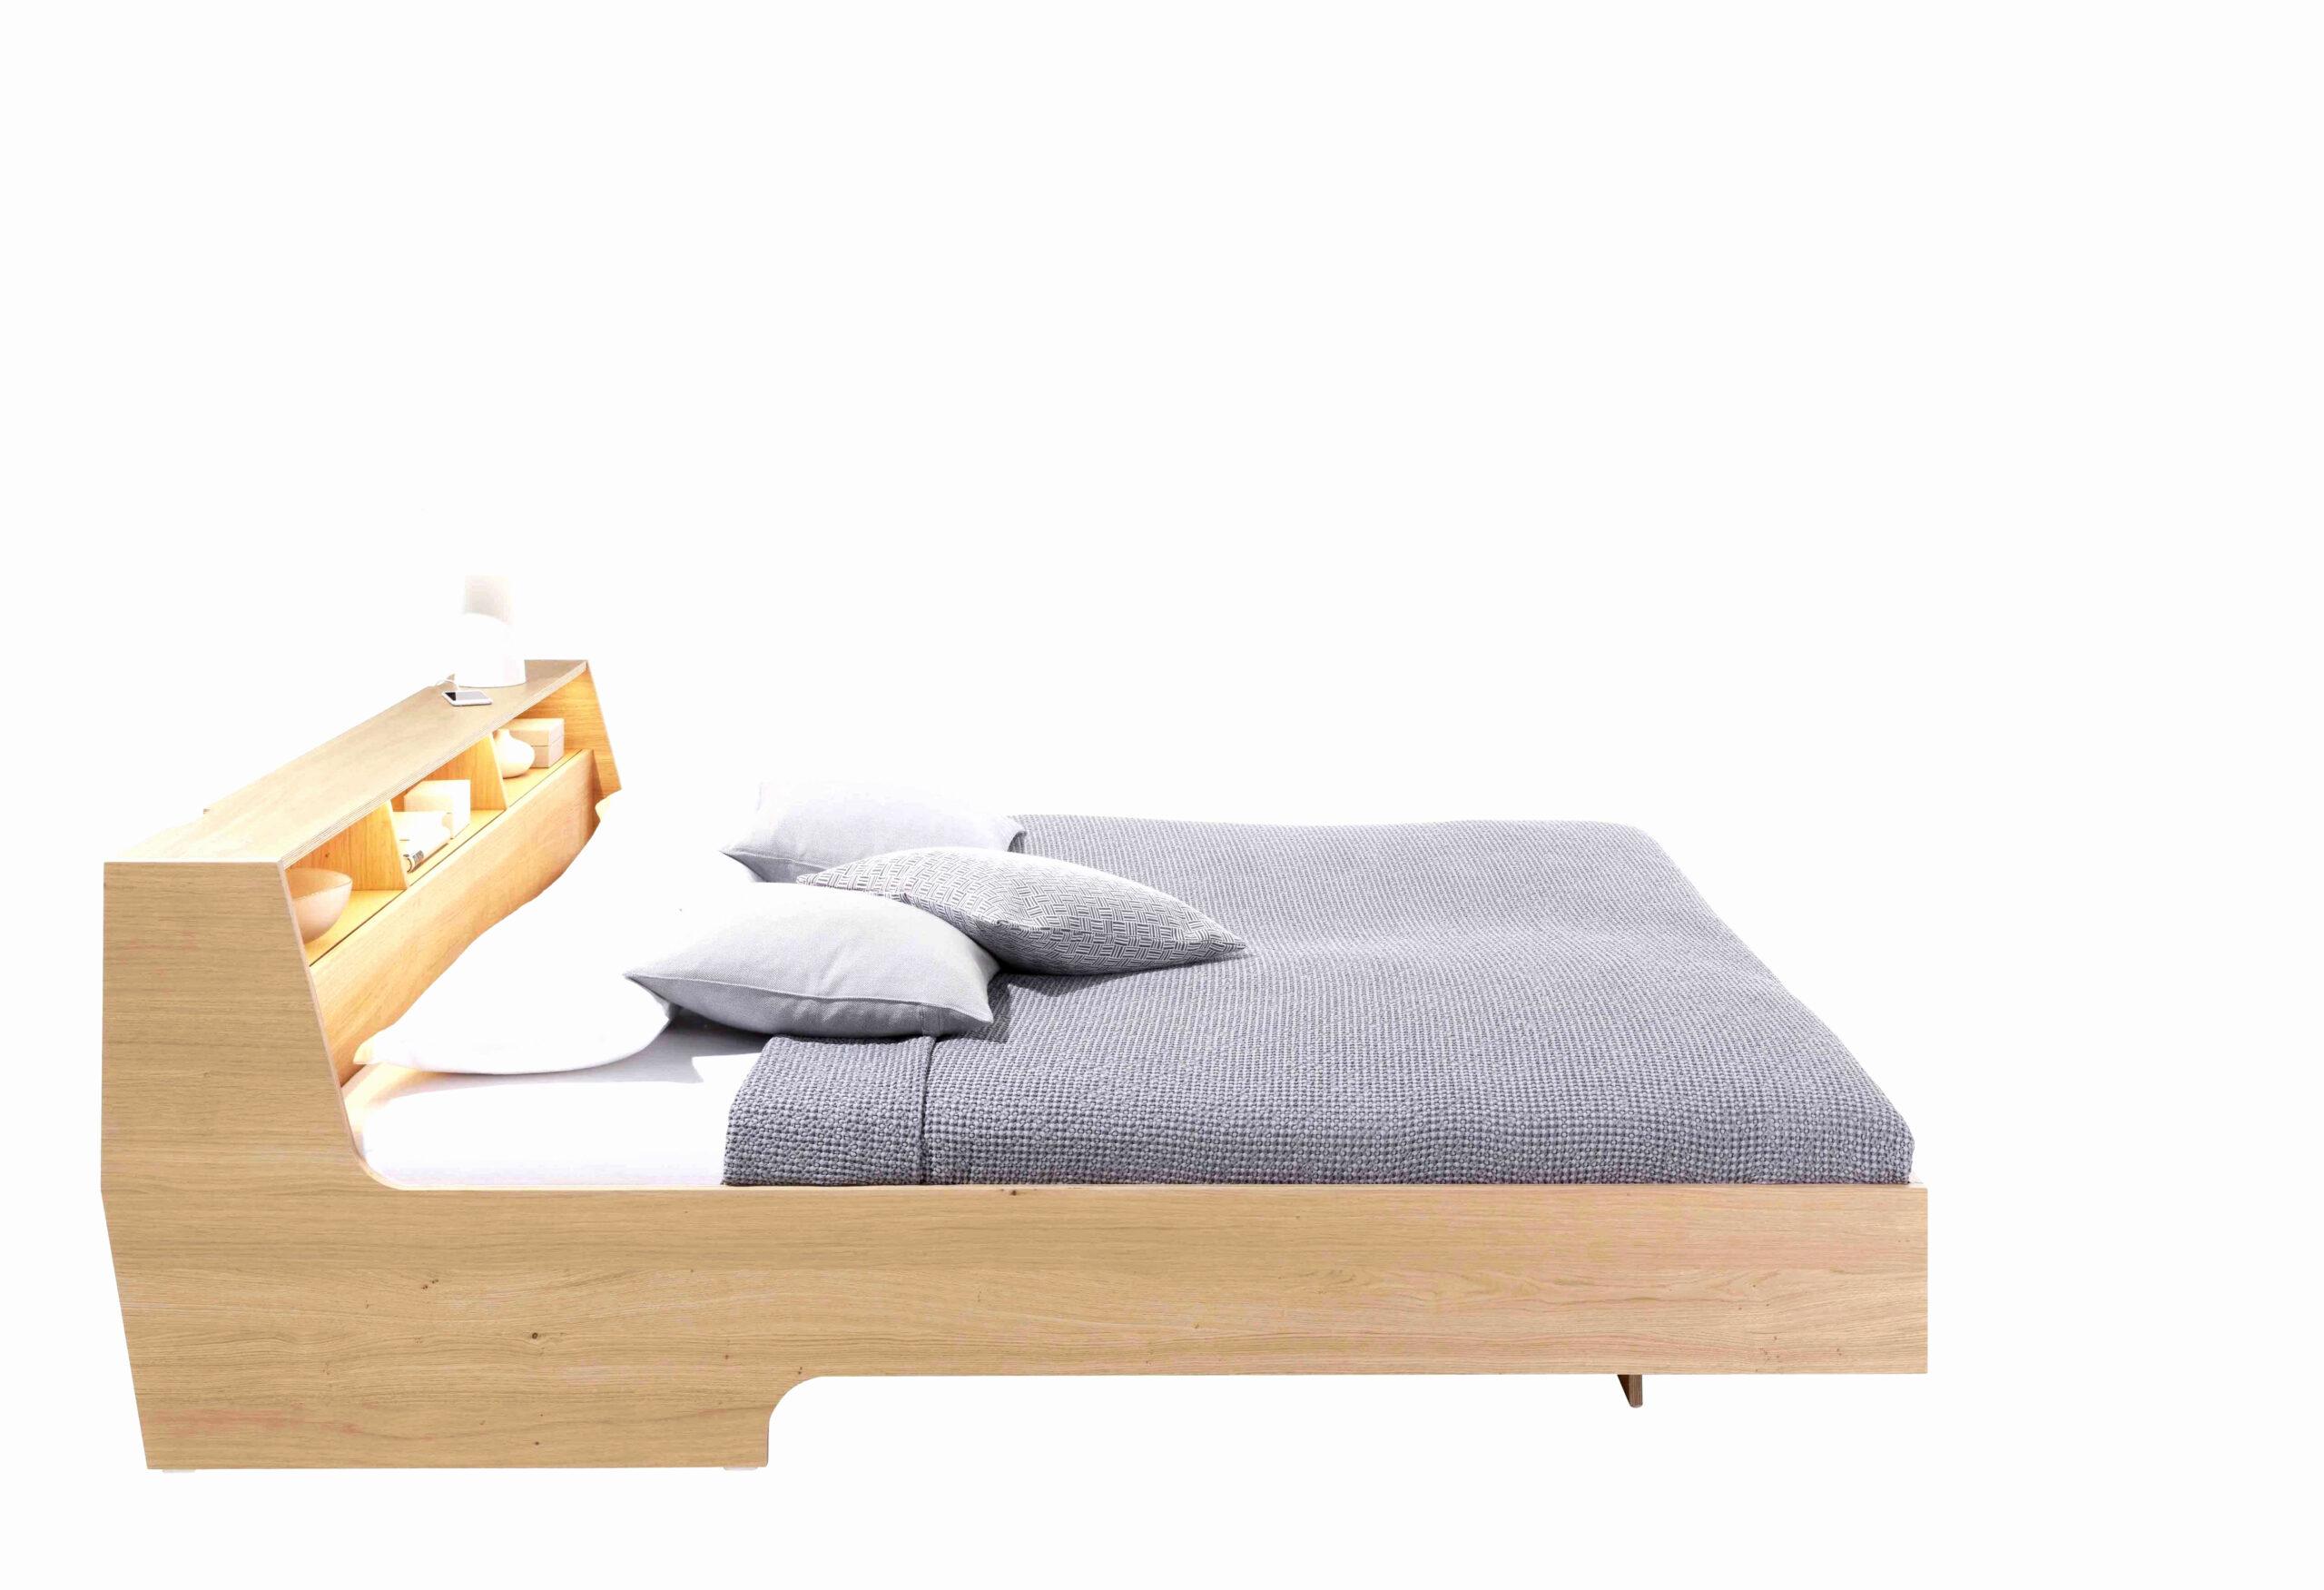 Full Size of Bett Selber Bauen Anleitung 180200 180x200 Nussbaum Betten Eiche Massiv Ikea 160x200 Günstige Günstig Kaufen Mit Lattenrost Und Matratze Modernes Sofa Wohnzimmer Schrankbett 180x200 Ikea